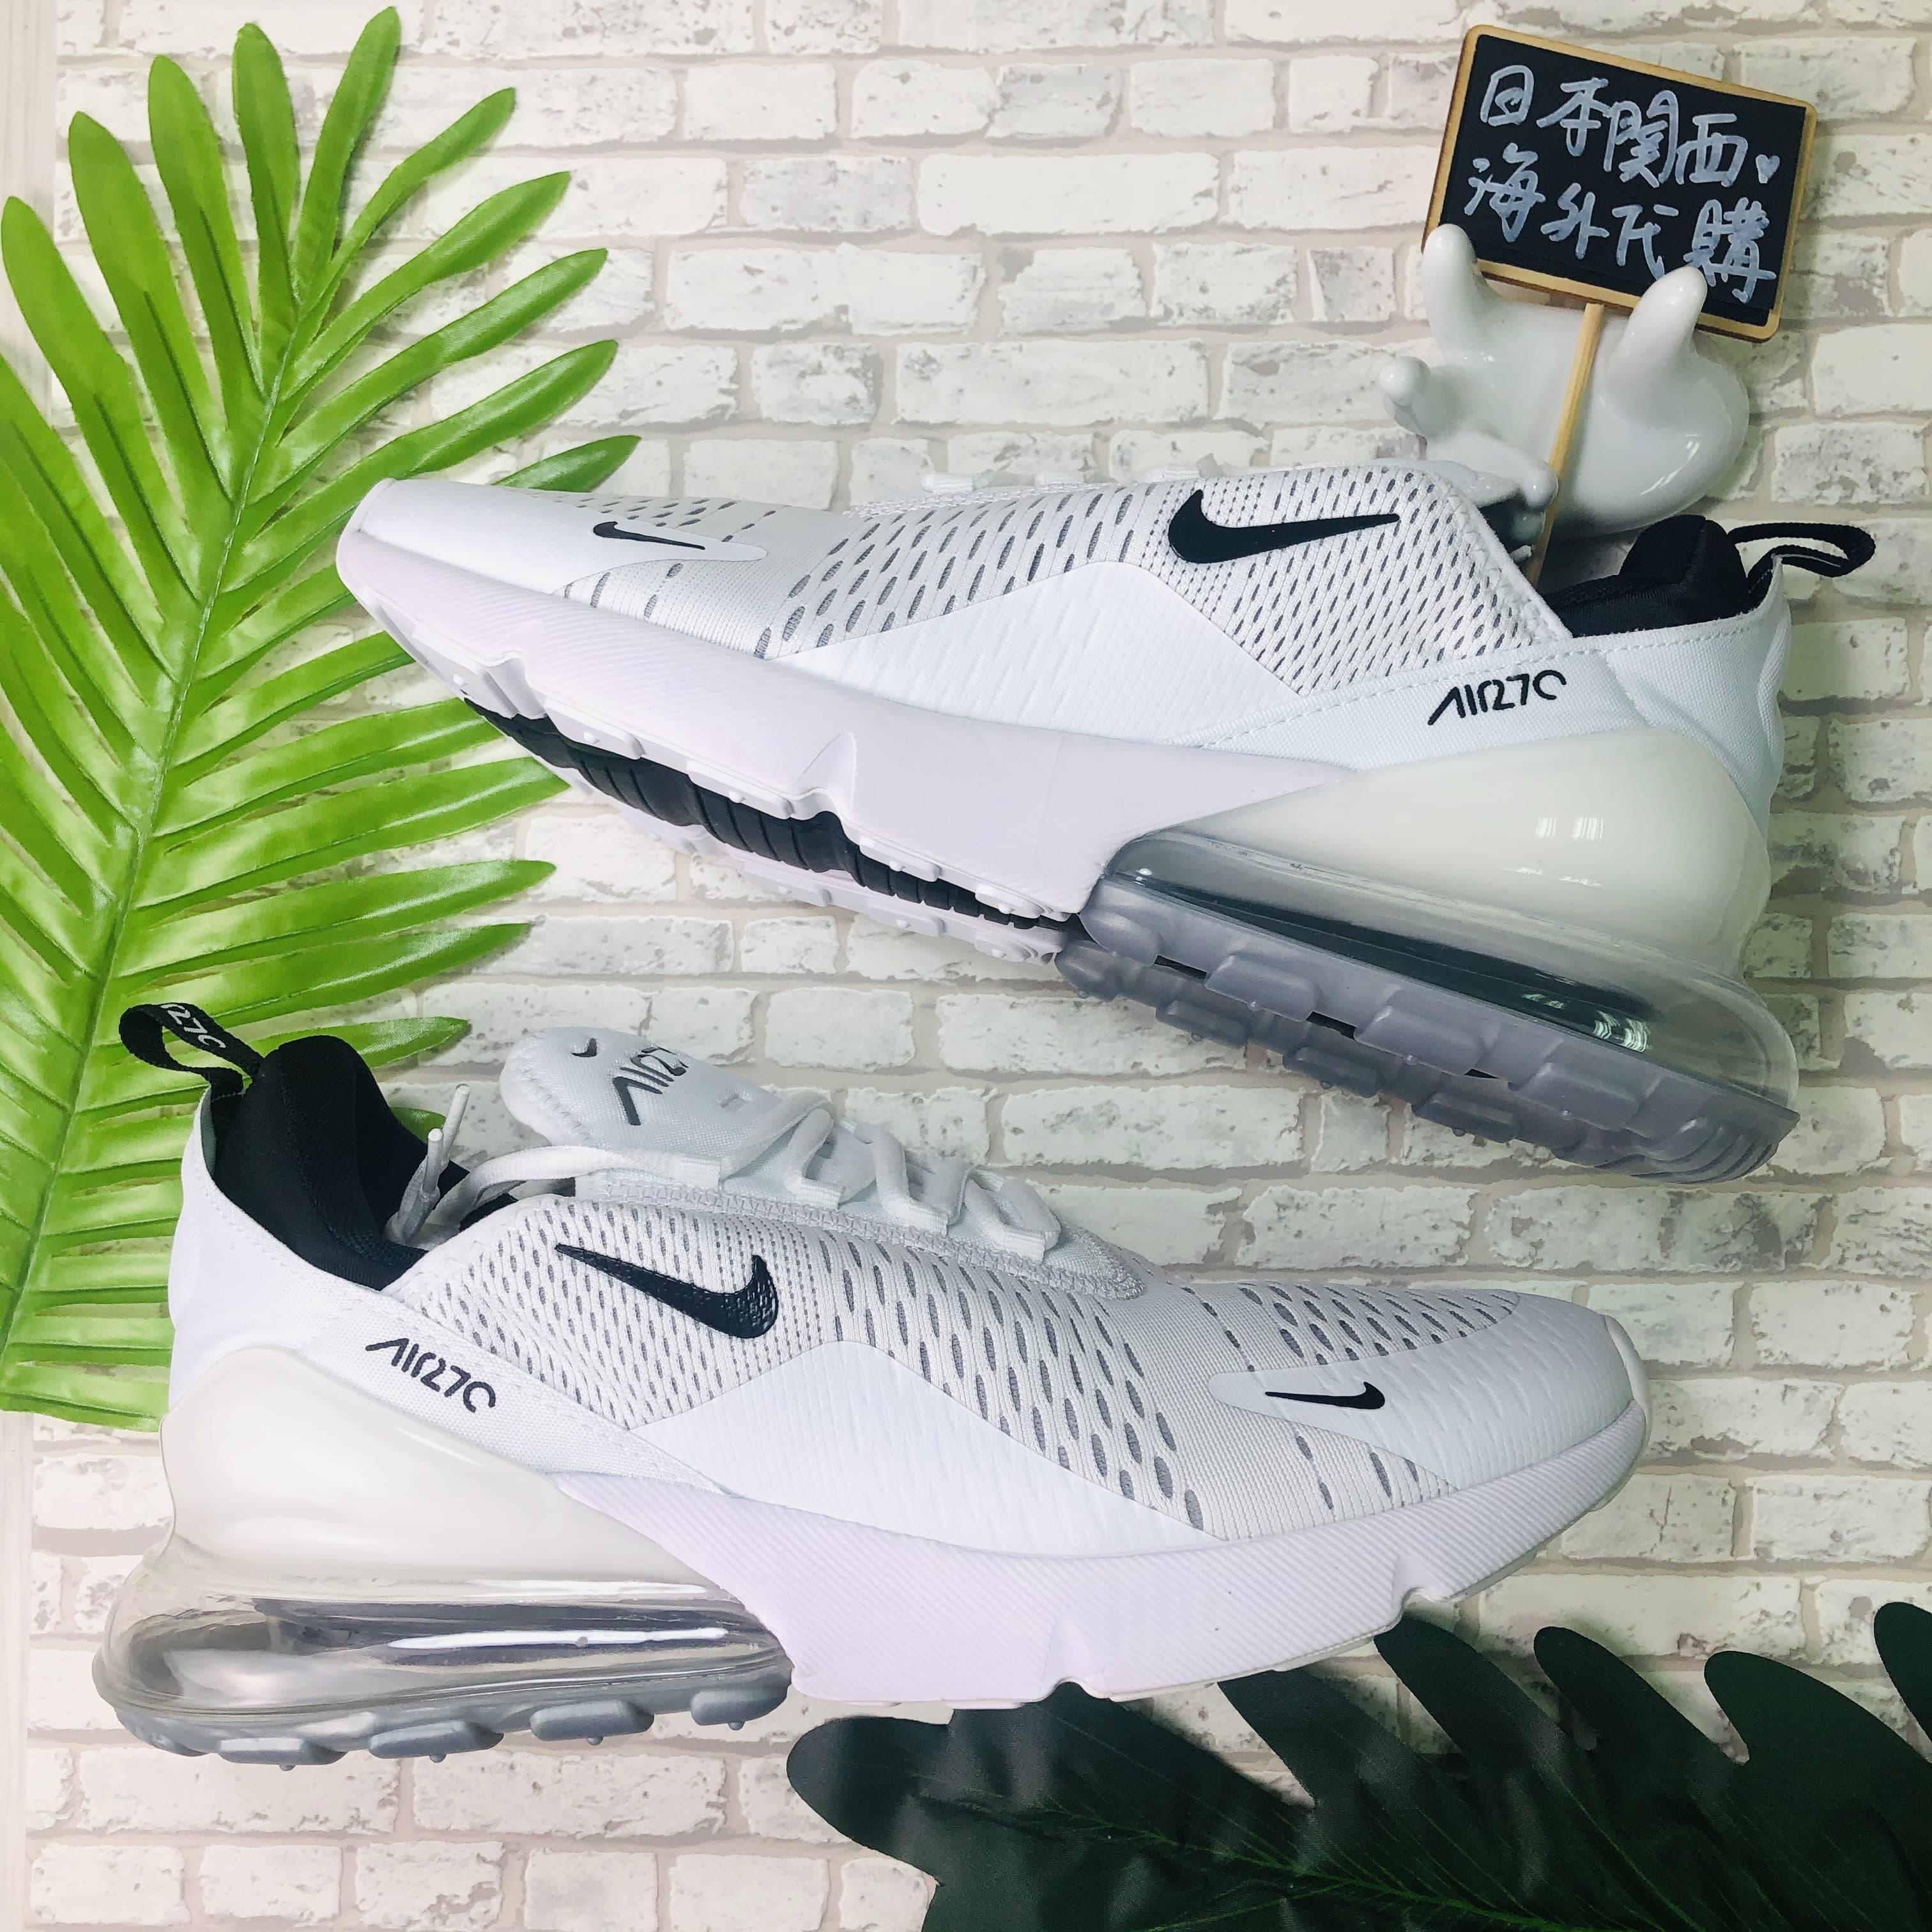 【日本海外代購】Nike Air Max 270 全白 氣墊 網面 白黑 冰藍 慢跑 男鞋 AH8050-100